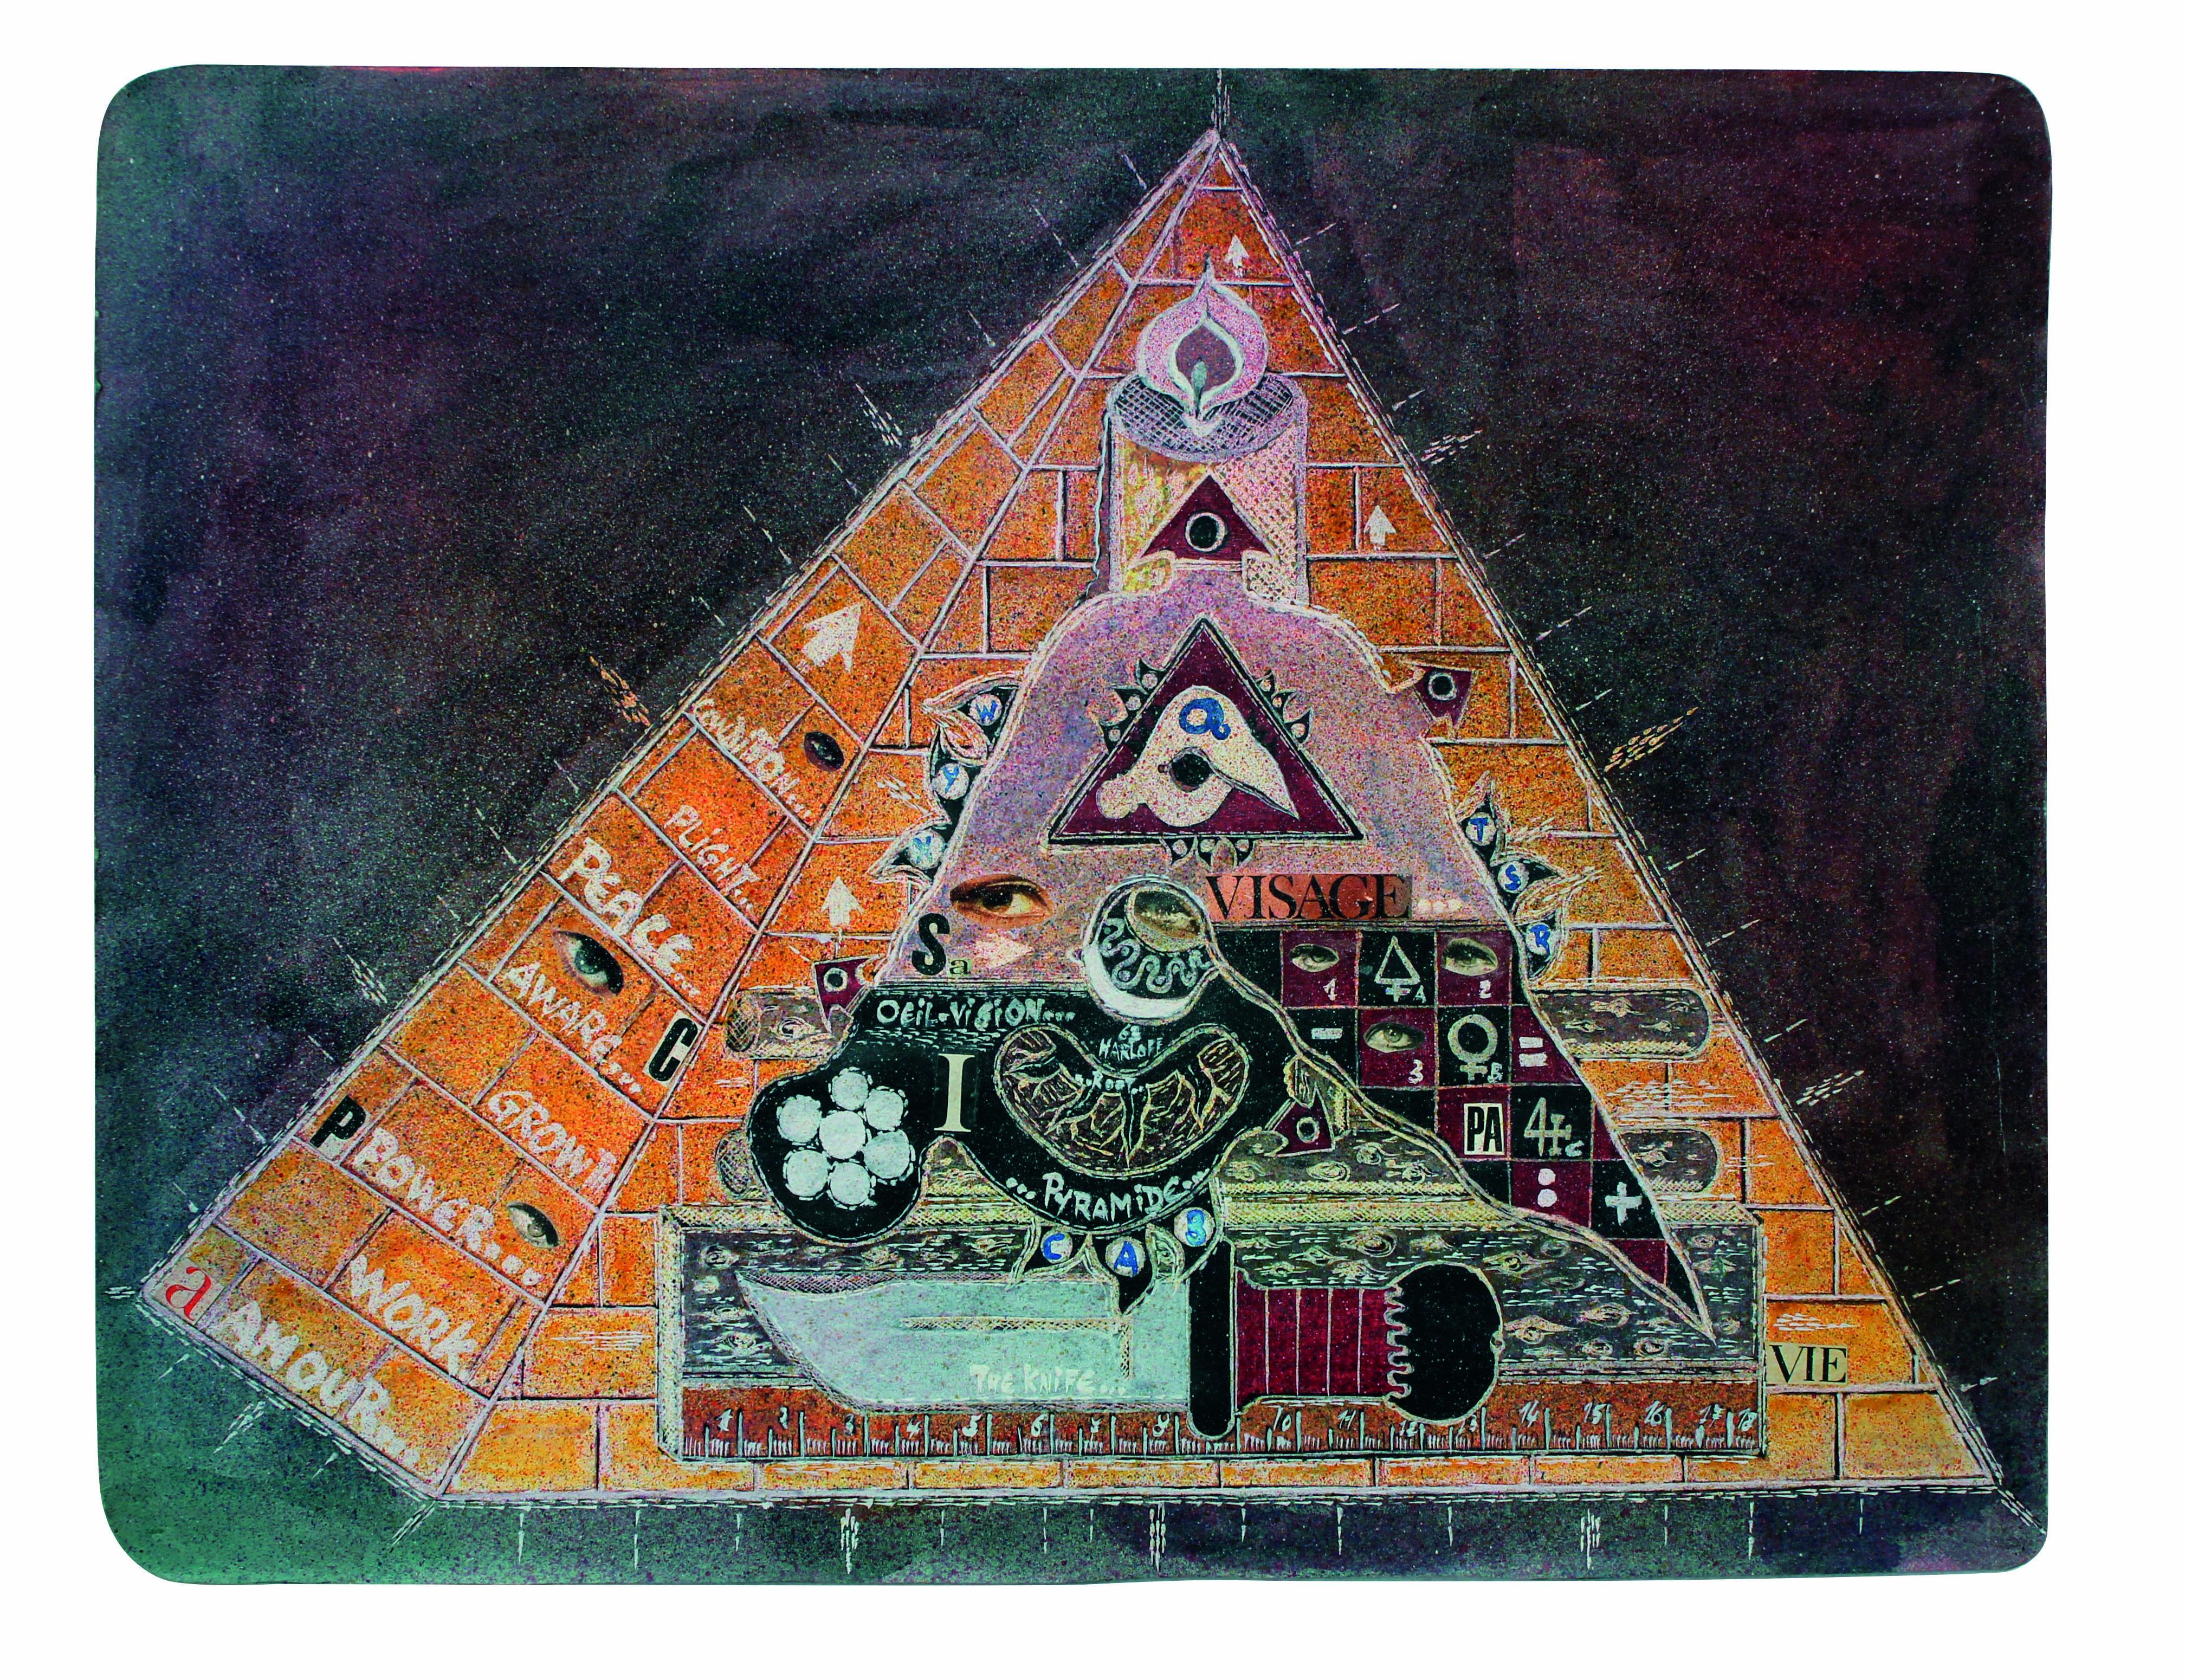 La grande pyramide, 1963, collage e inchiostri su carta, cm 48,3x63